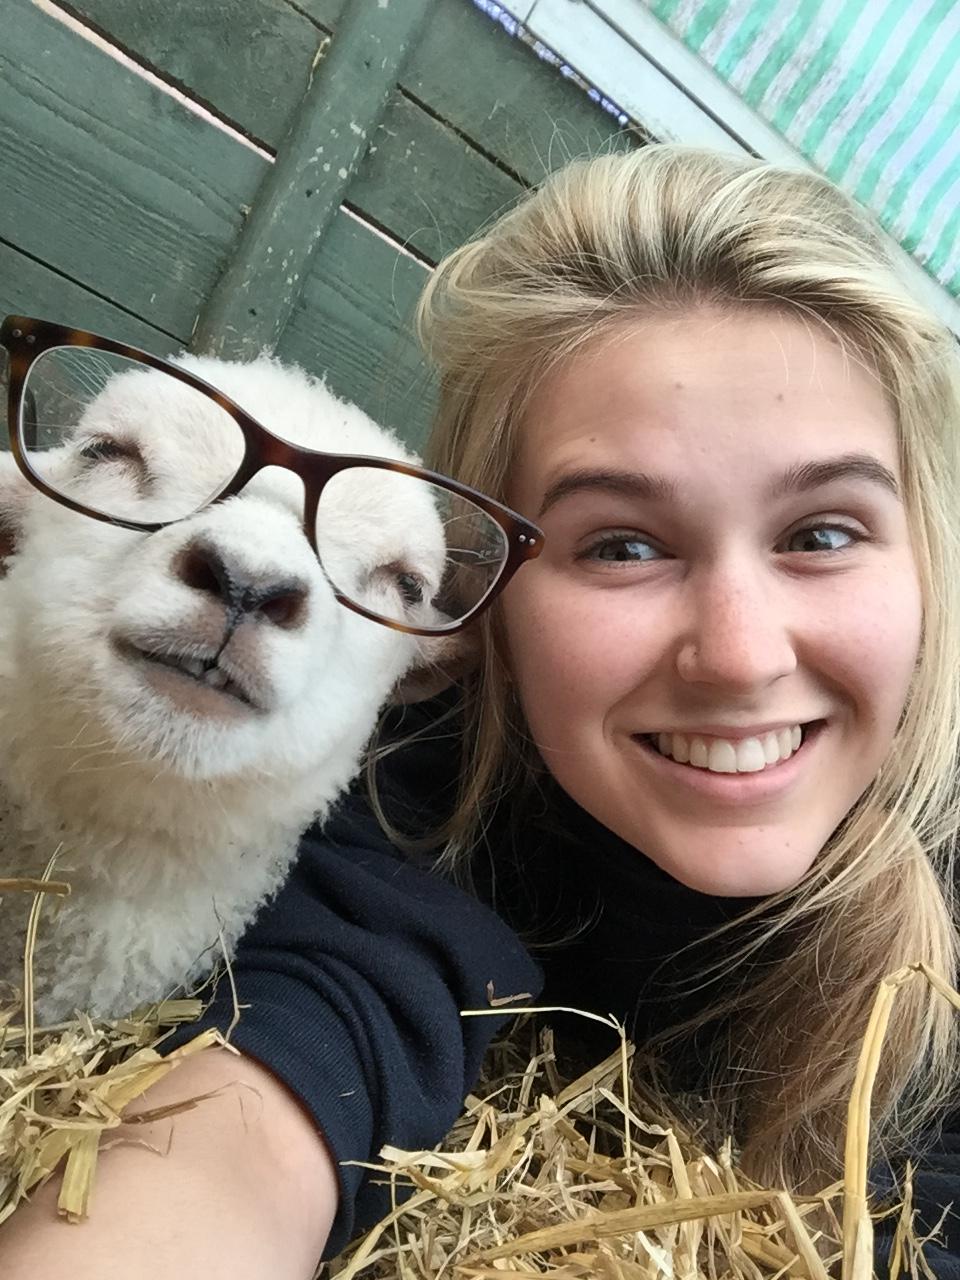 Happy Farm Animal In Glasses.jpg